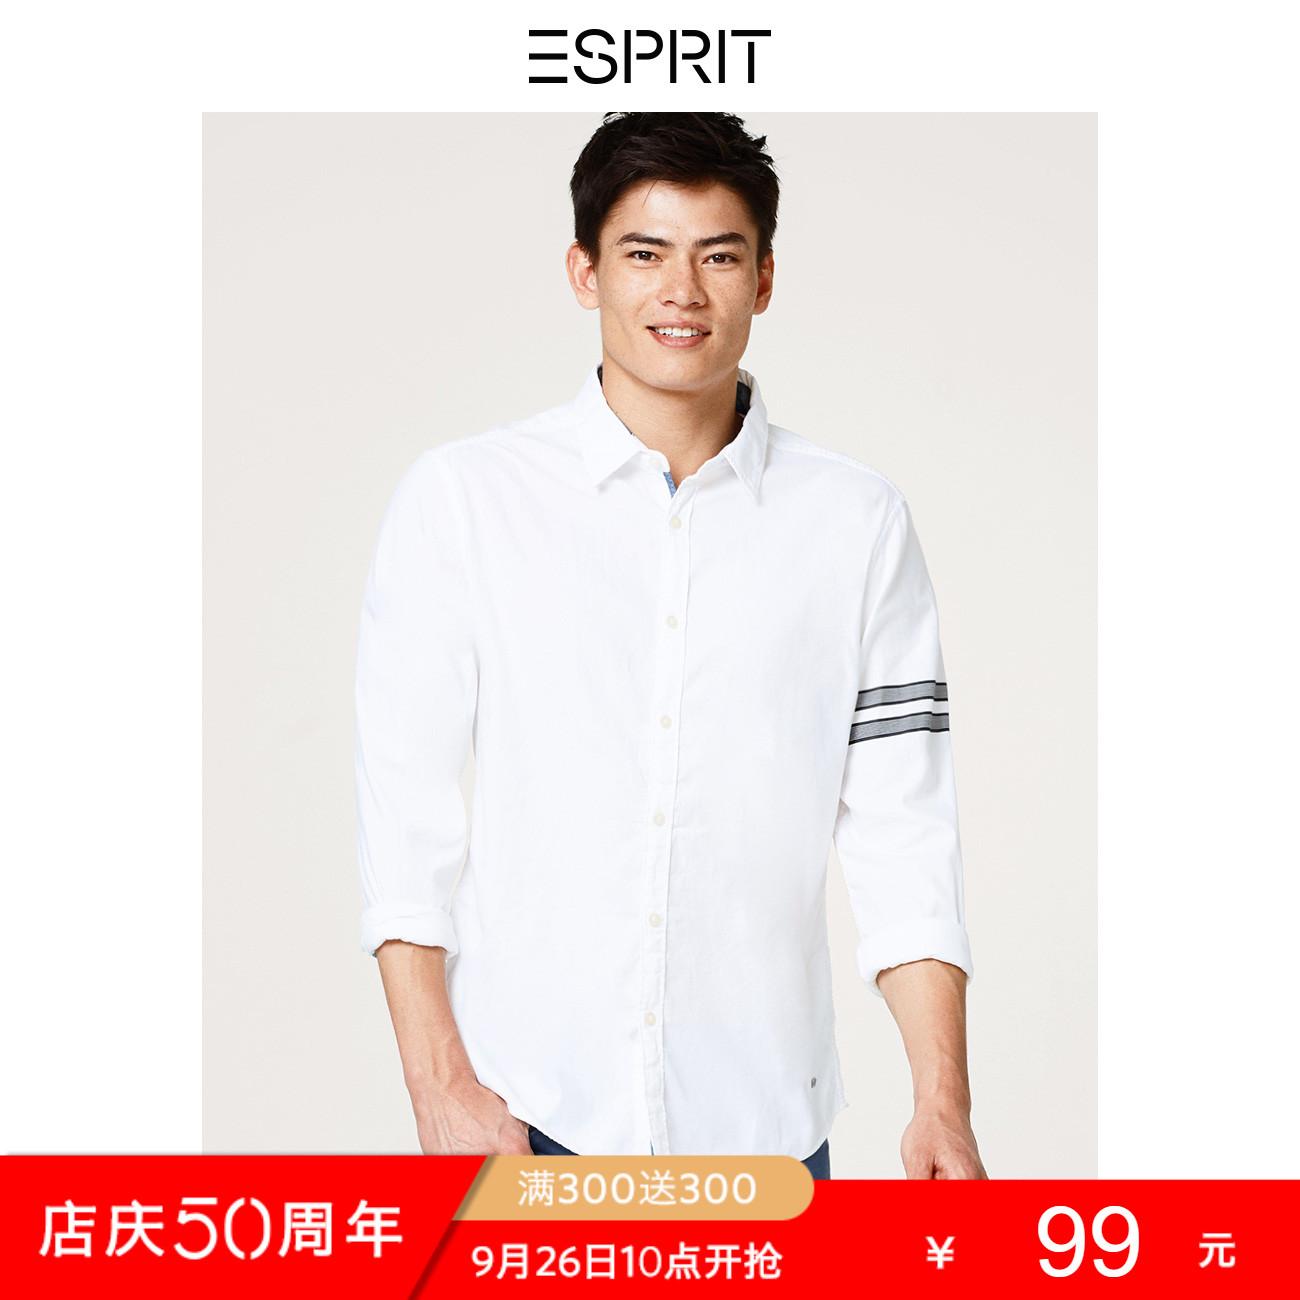 埃斯普利特男衬衫